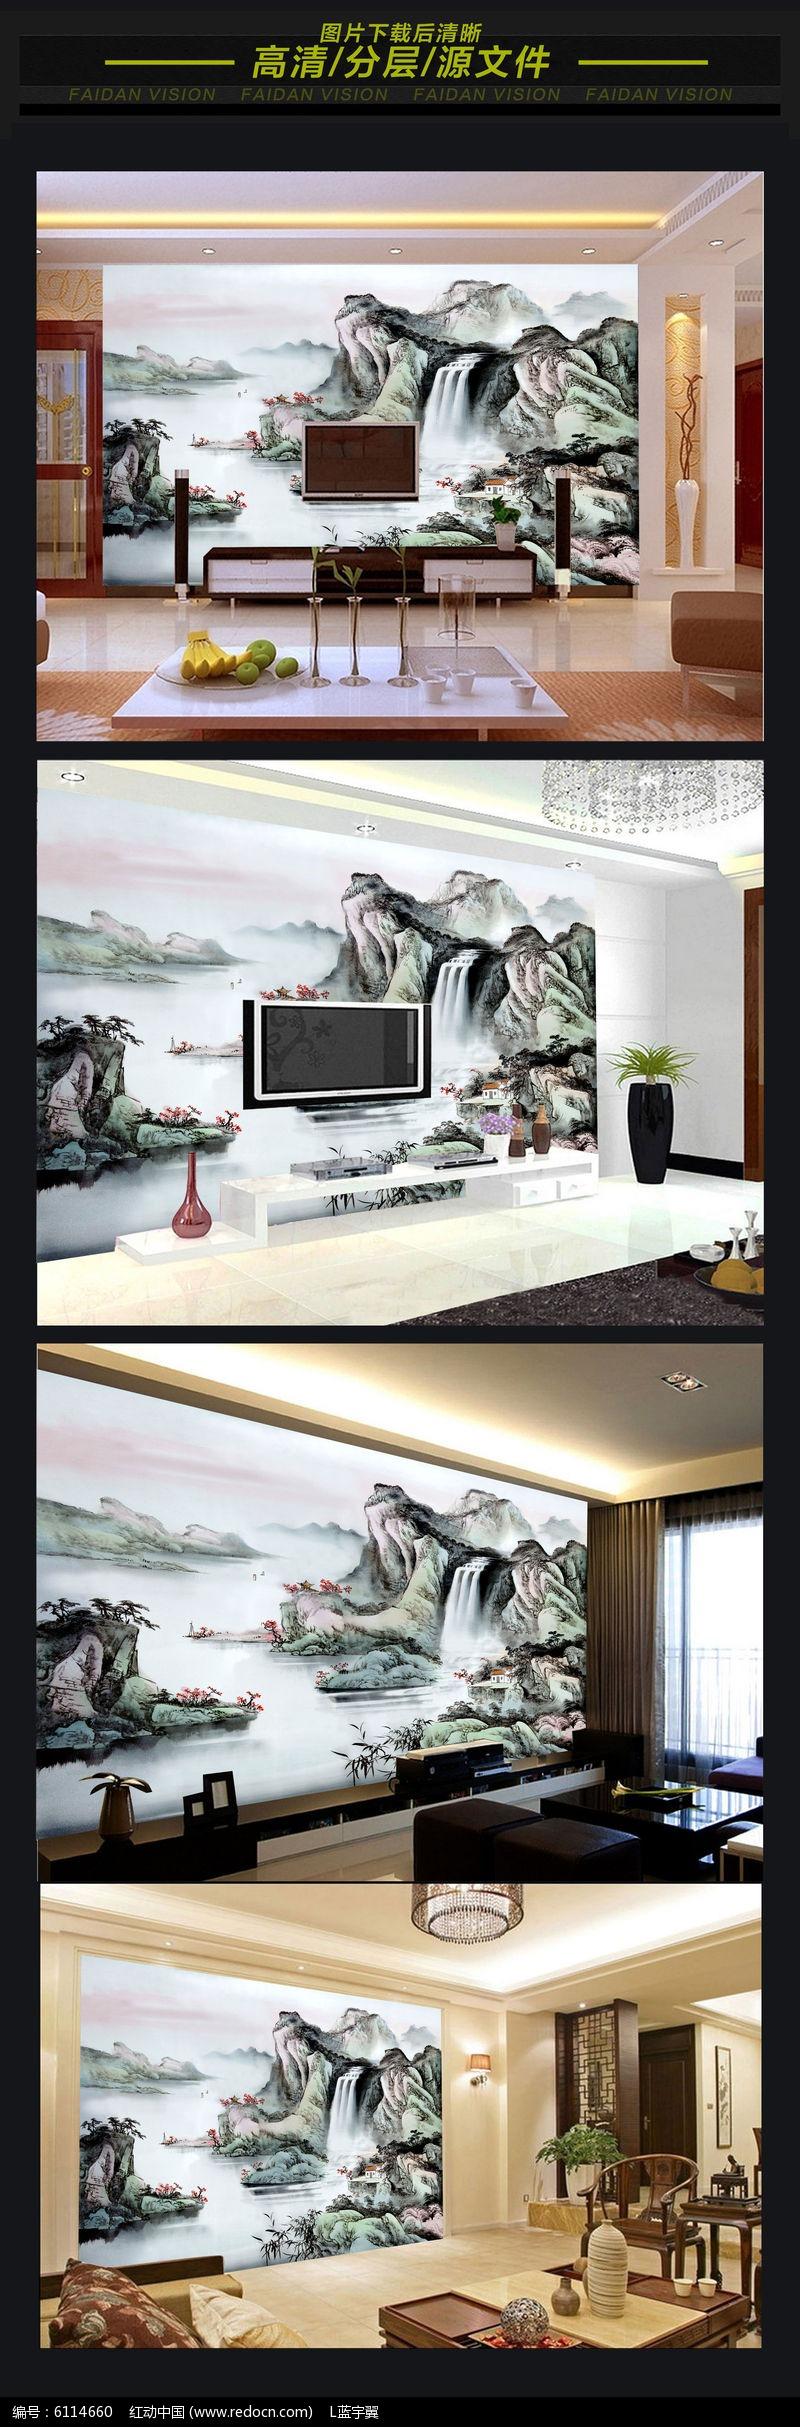 开运山水风景画背景墙图片